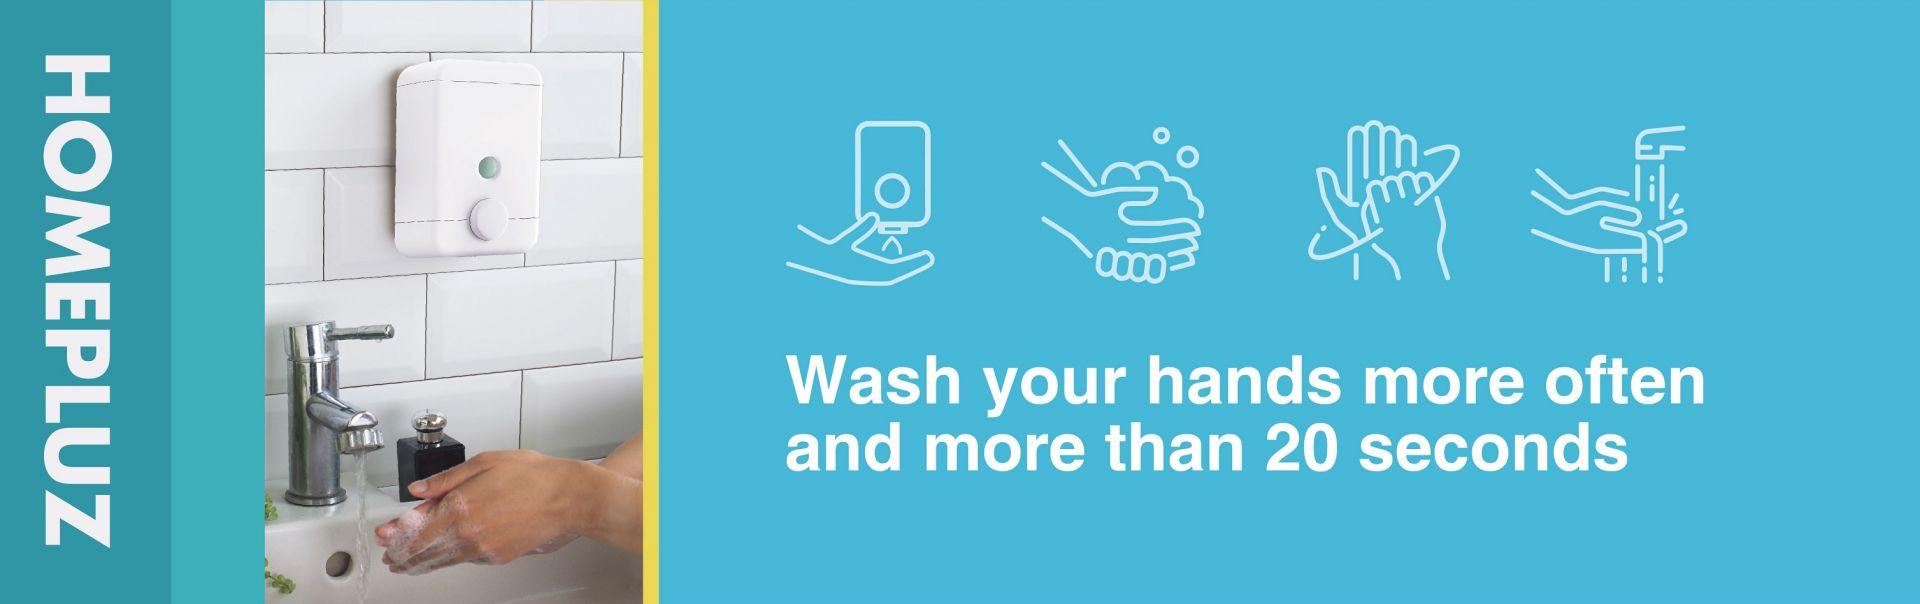 غسل اليدين للابتعاد عن الفيروس